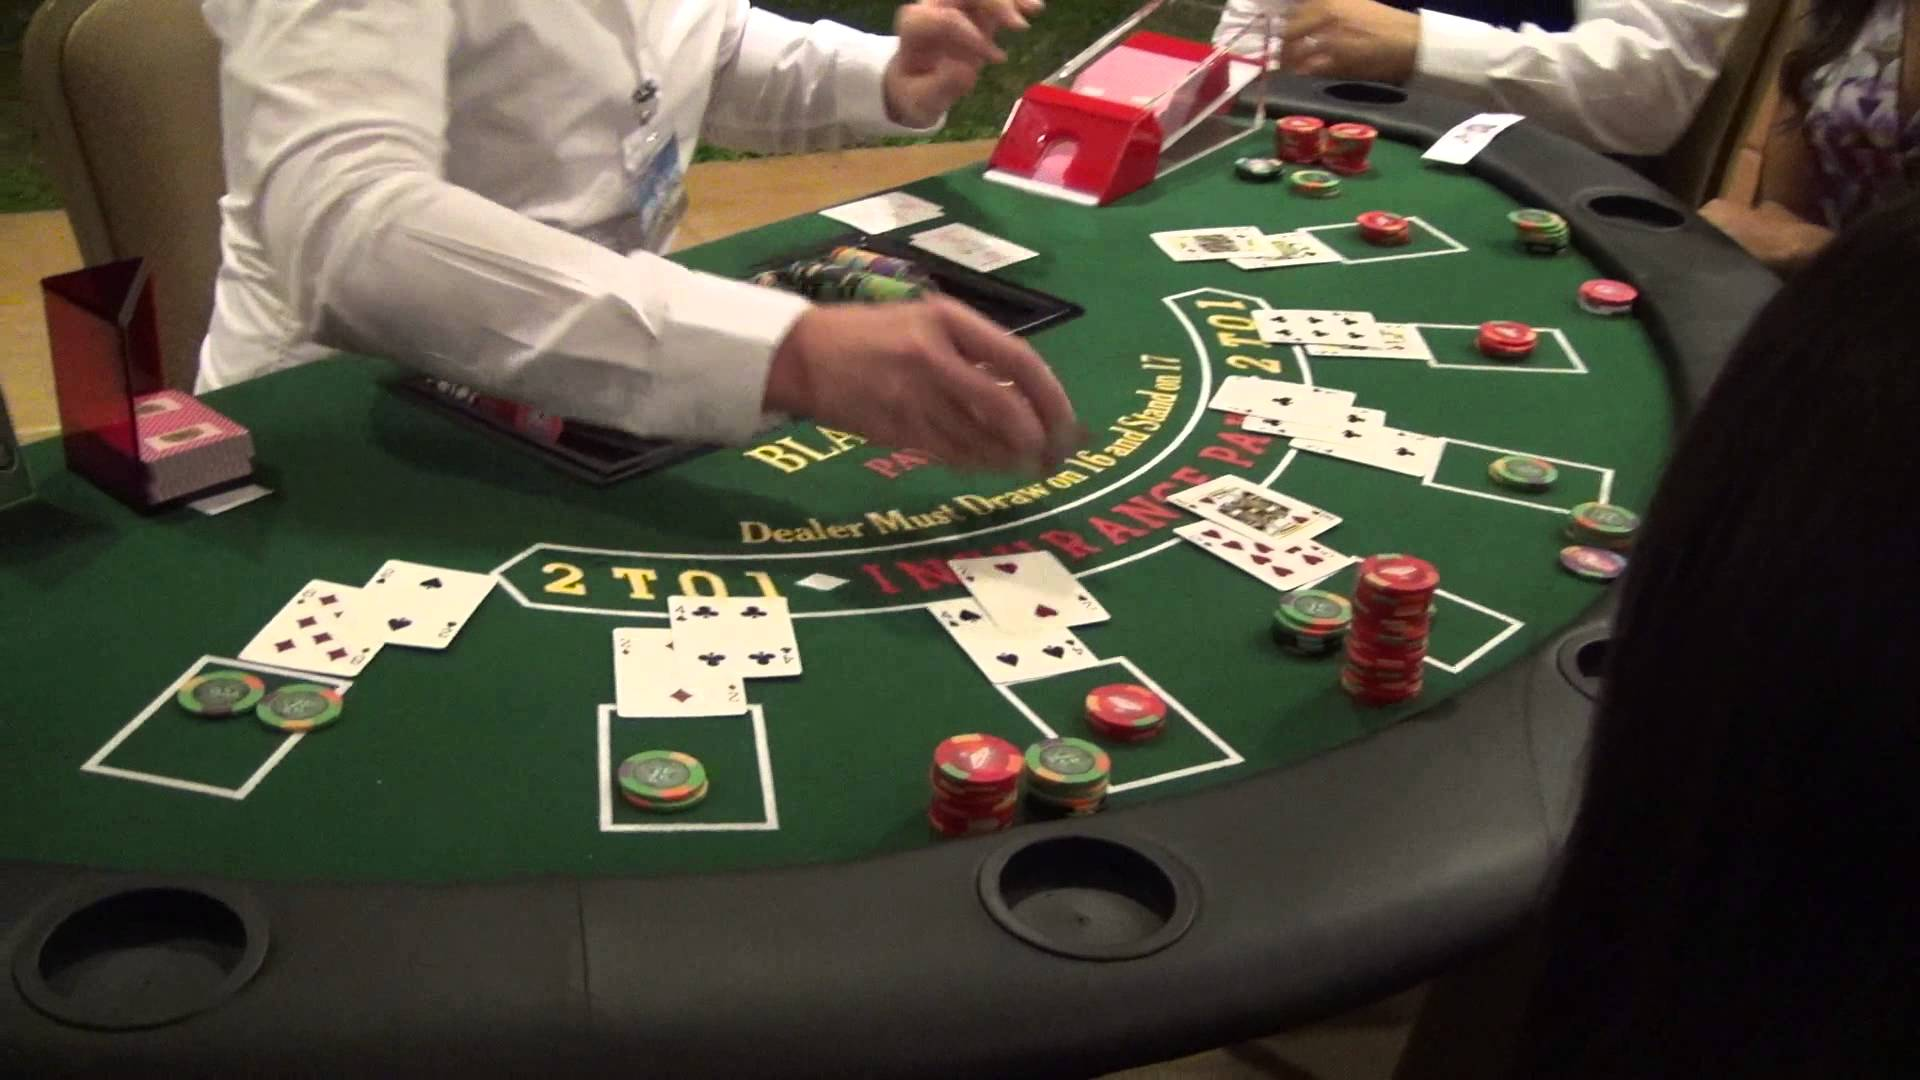 Jeux casino: comment contourner la perte d'argent?